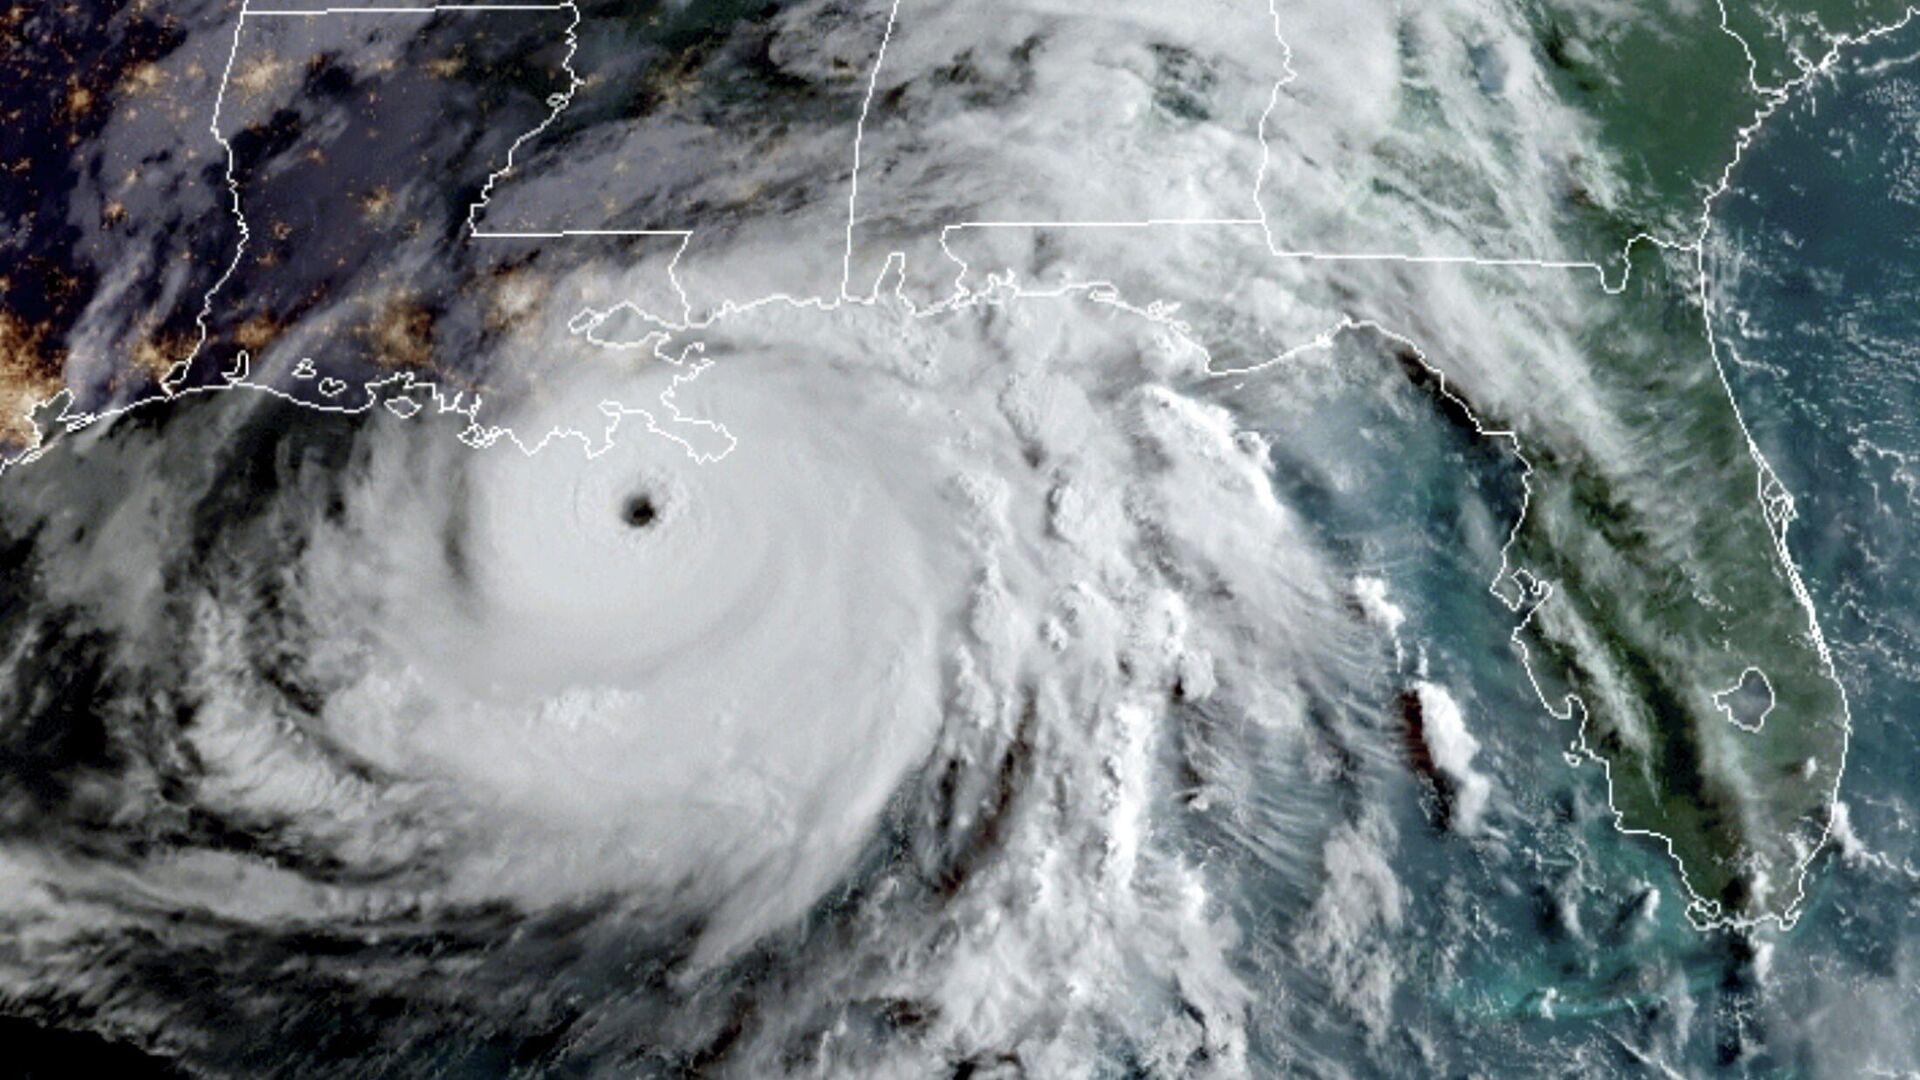 Una imagen satelital del huracán Ida sobre el golfo de México - Sputnik Mundo, 1920, 29.08.2021